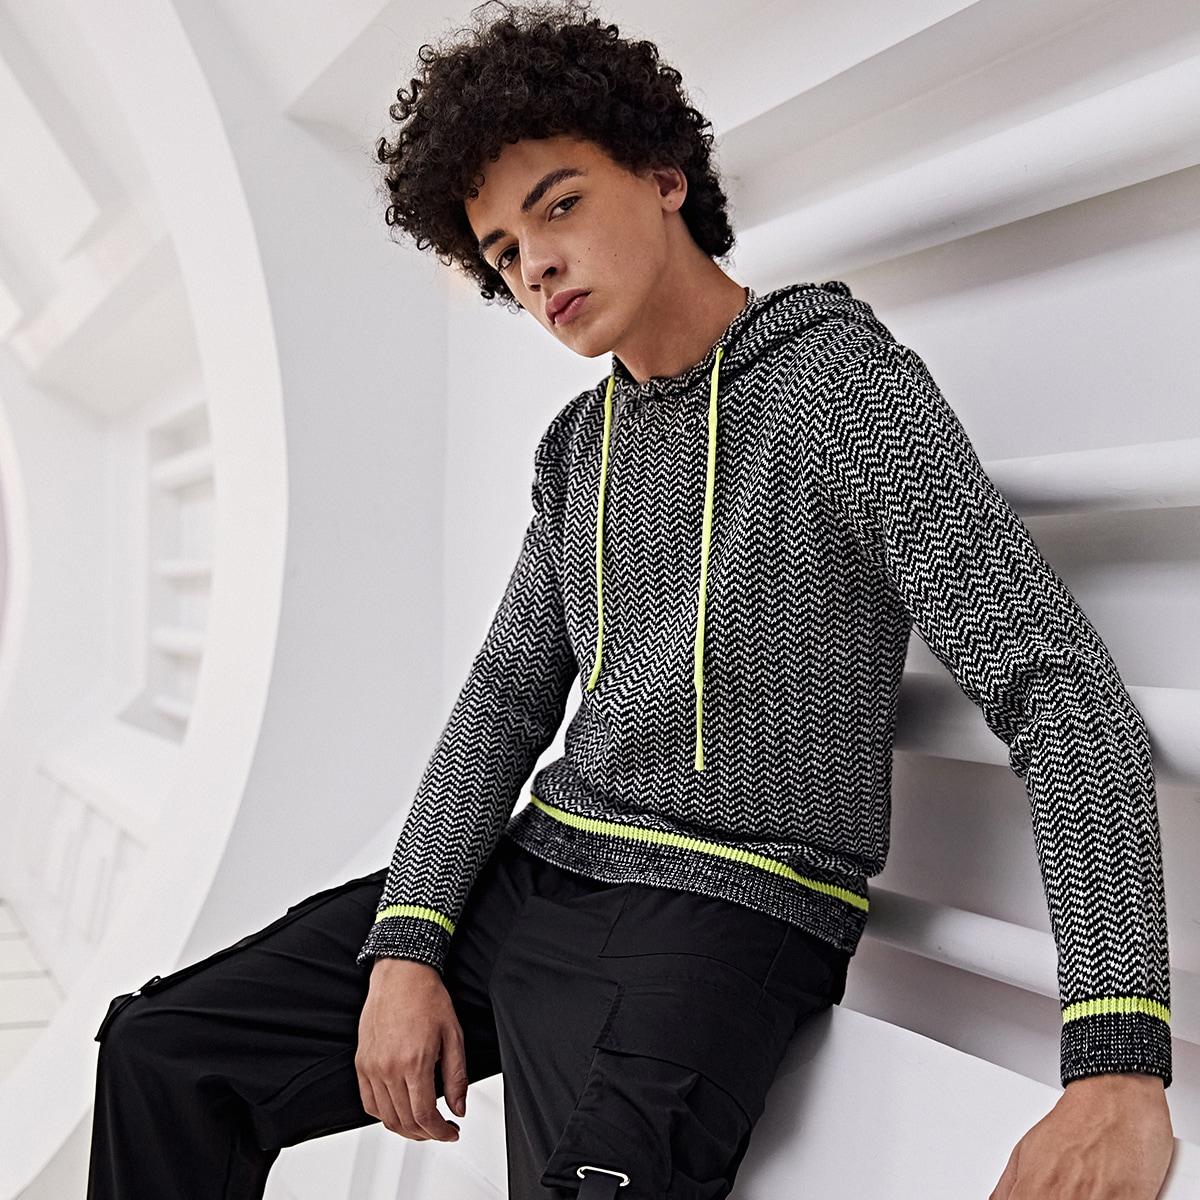 Мужской свитер с капюшоном и зигзагообразным узором